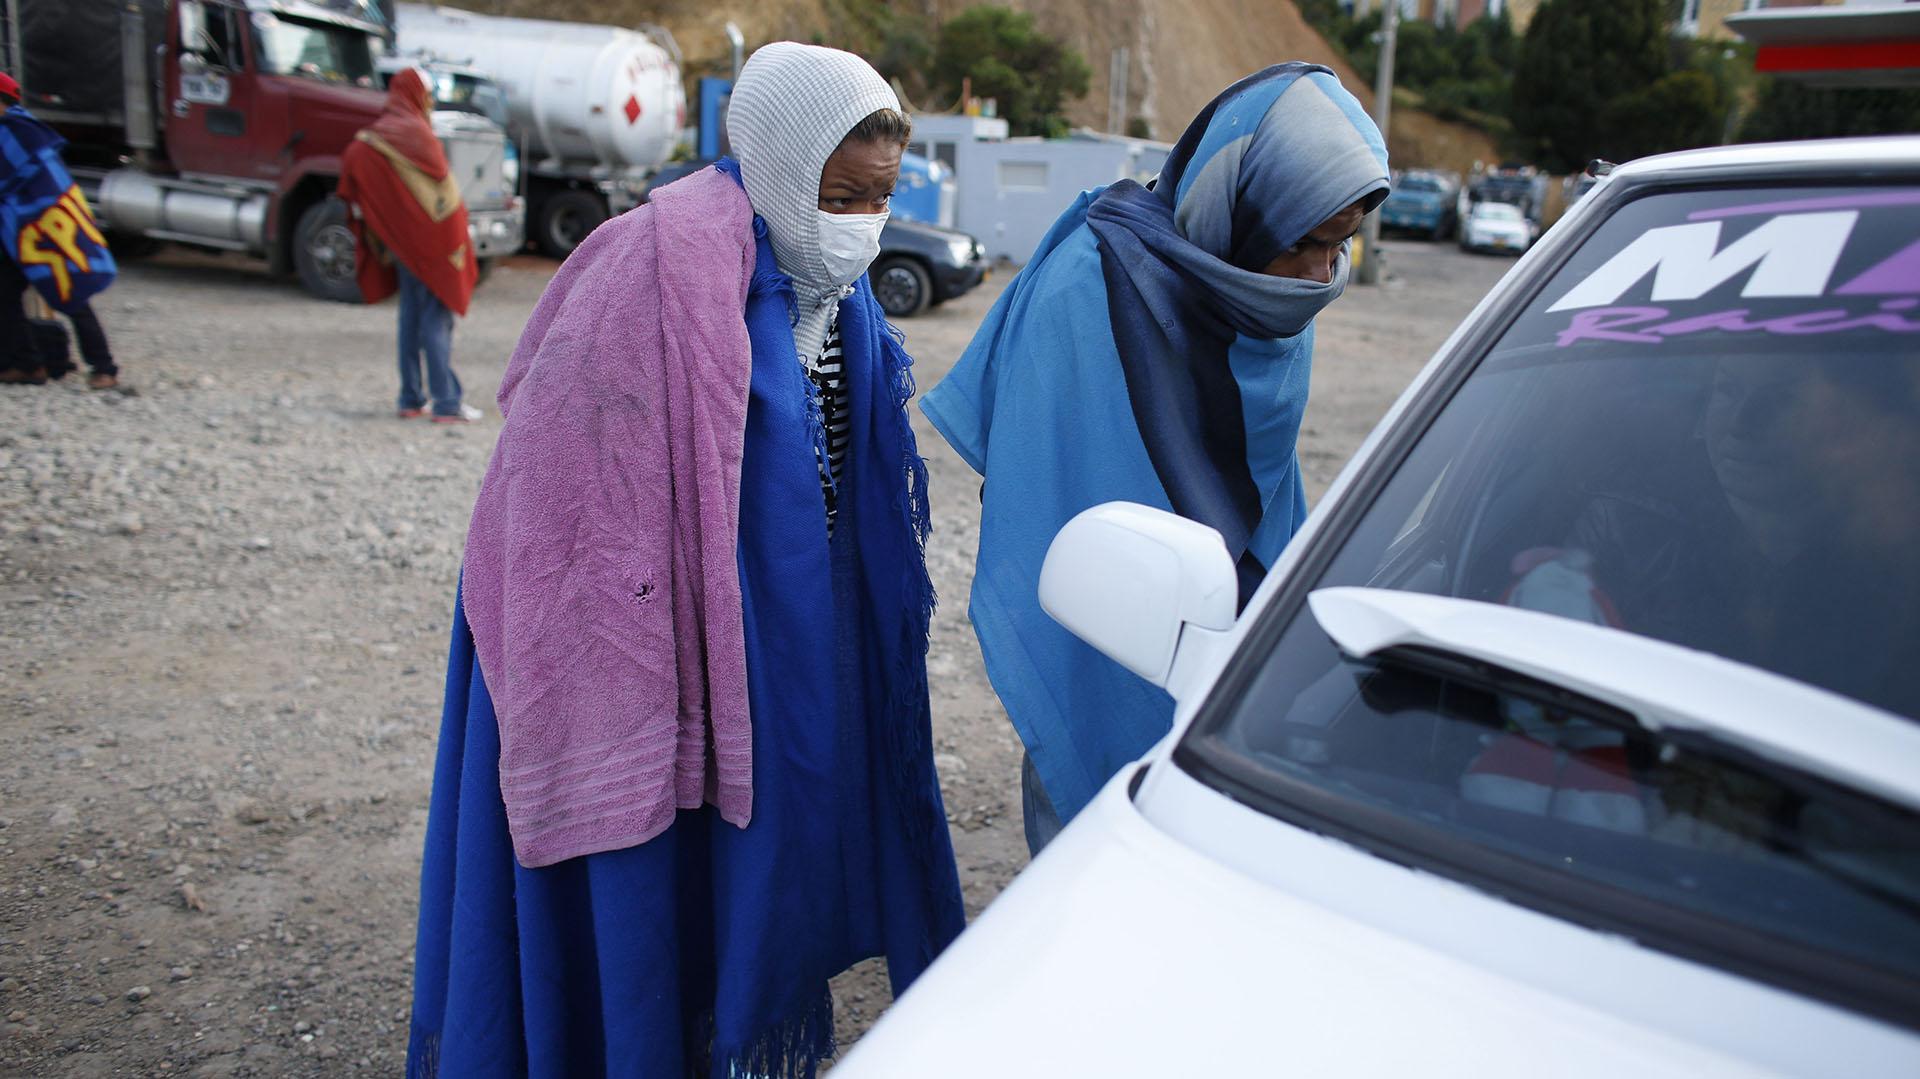 Los migrantes se envuelven en sábanas para combatir el frío en Bucaramanga (AP Photo/Ariana Cubillos)